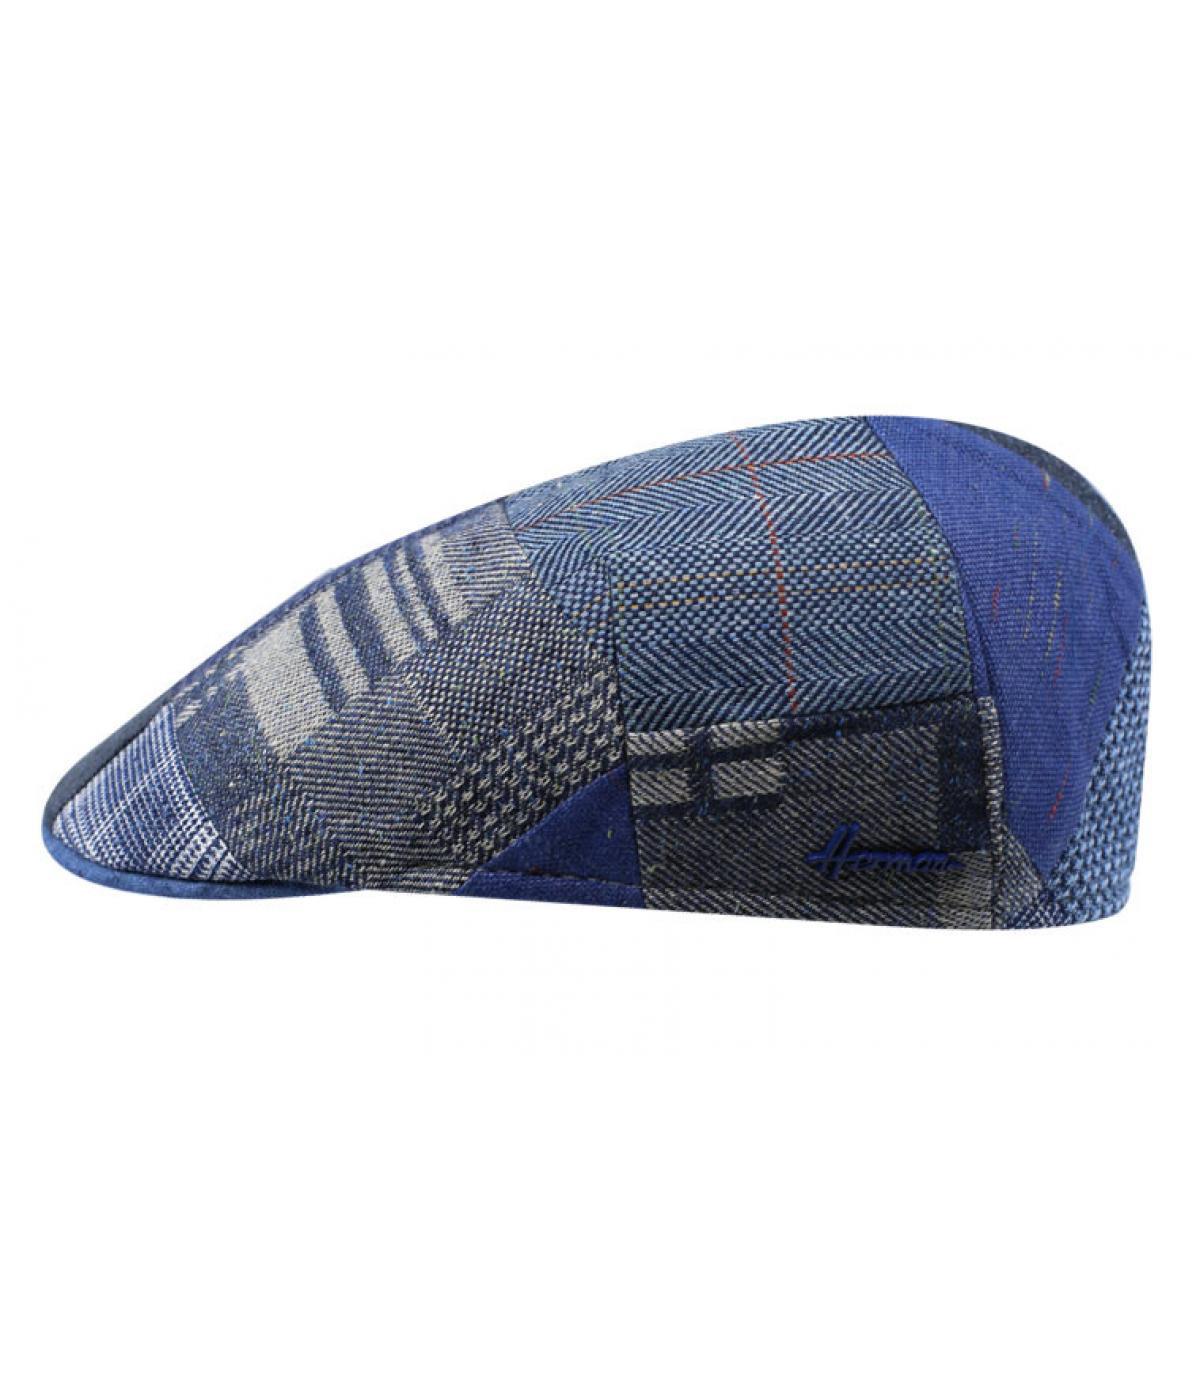 Detalles Boxer Patch blue imagen 2